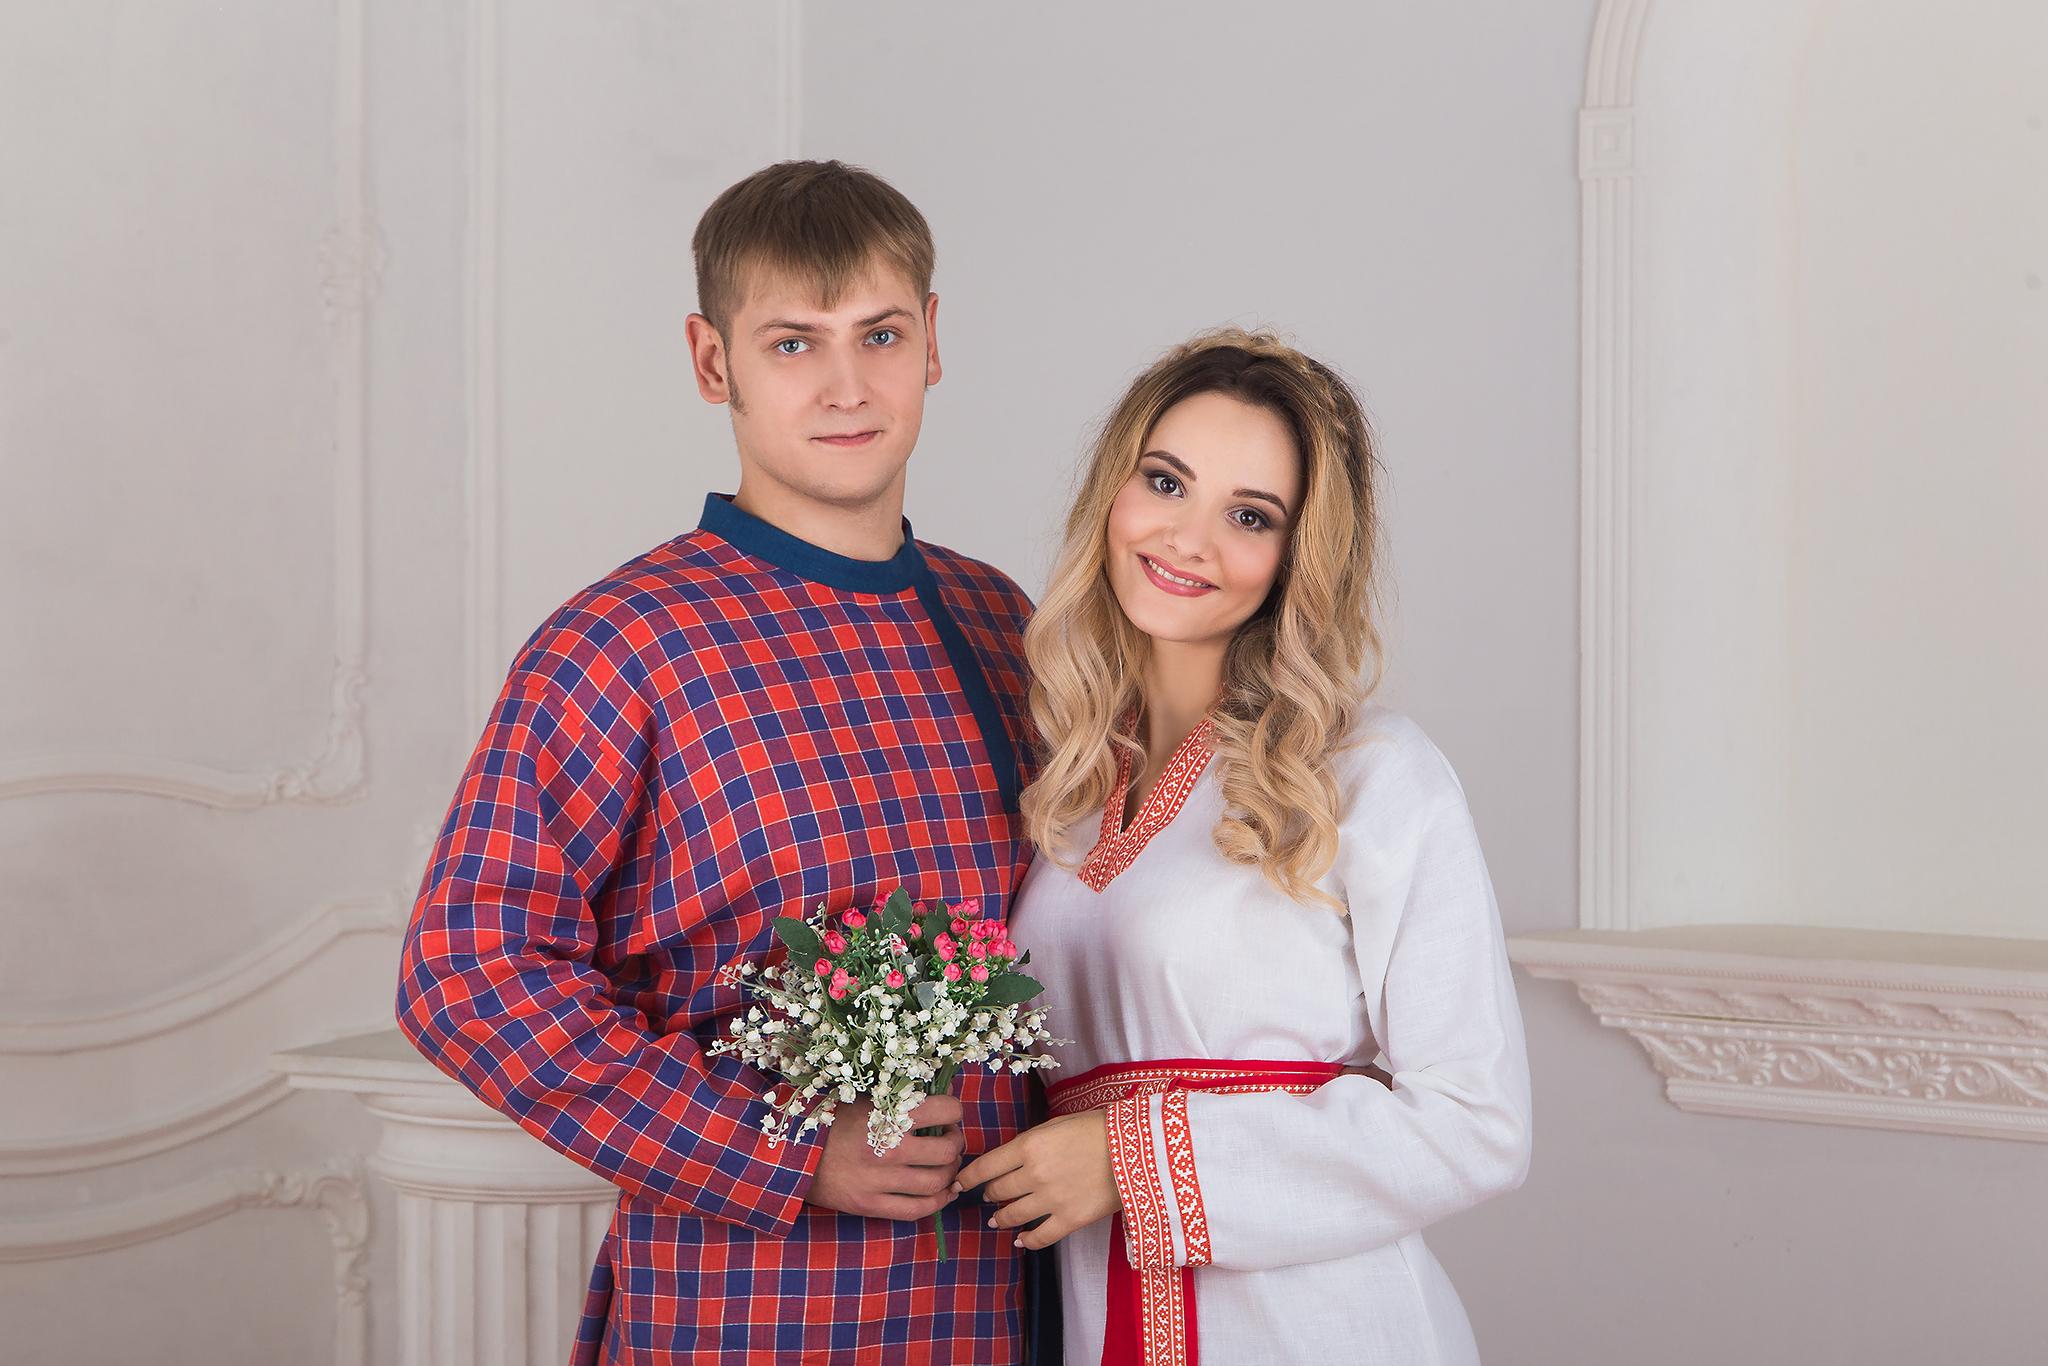 Крупный план сочетания костюмов для пары, славянская одежда в интернет магазине Иванка. Рубаха женская